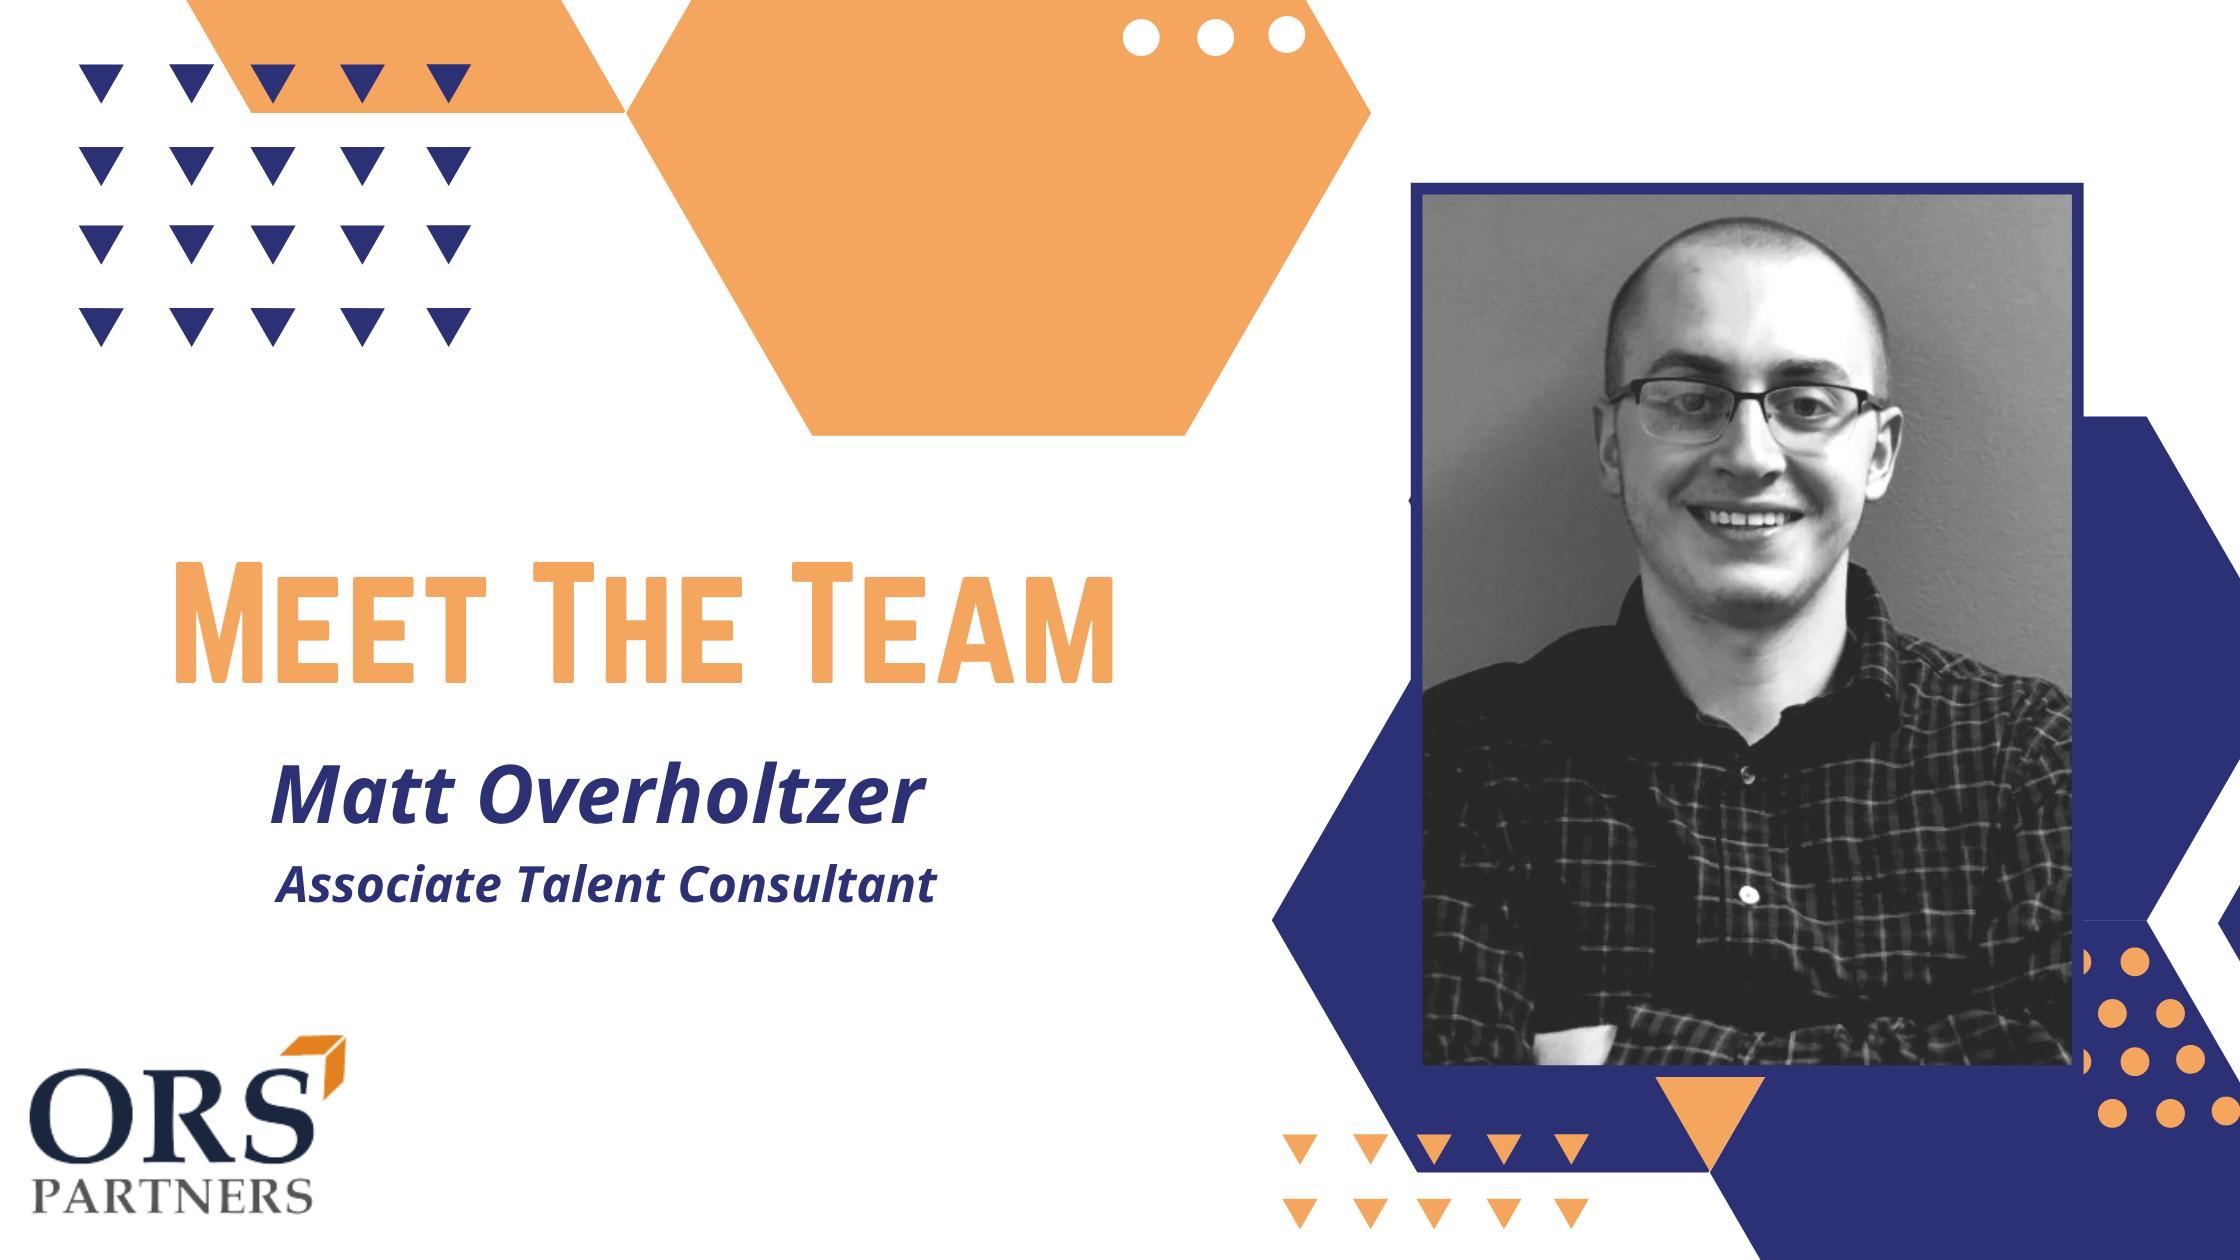 Meet the Team: Matt (Mo) Overholtzer